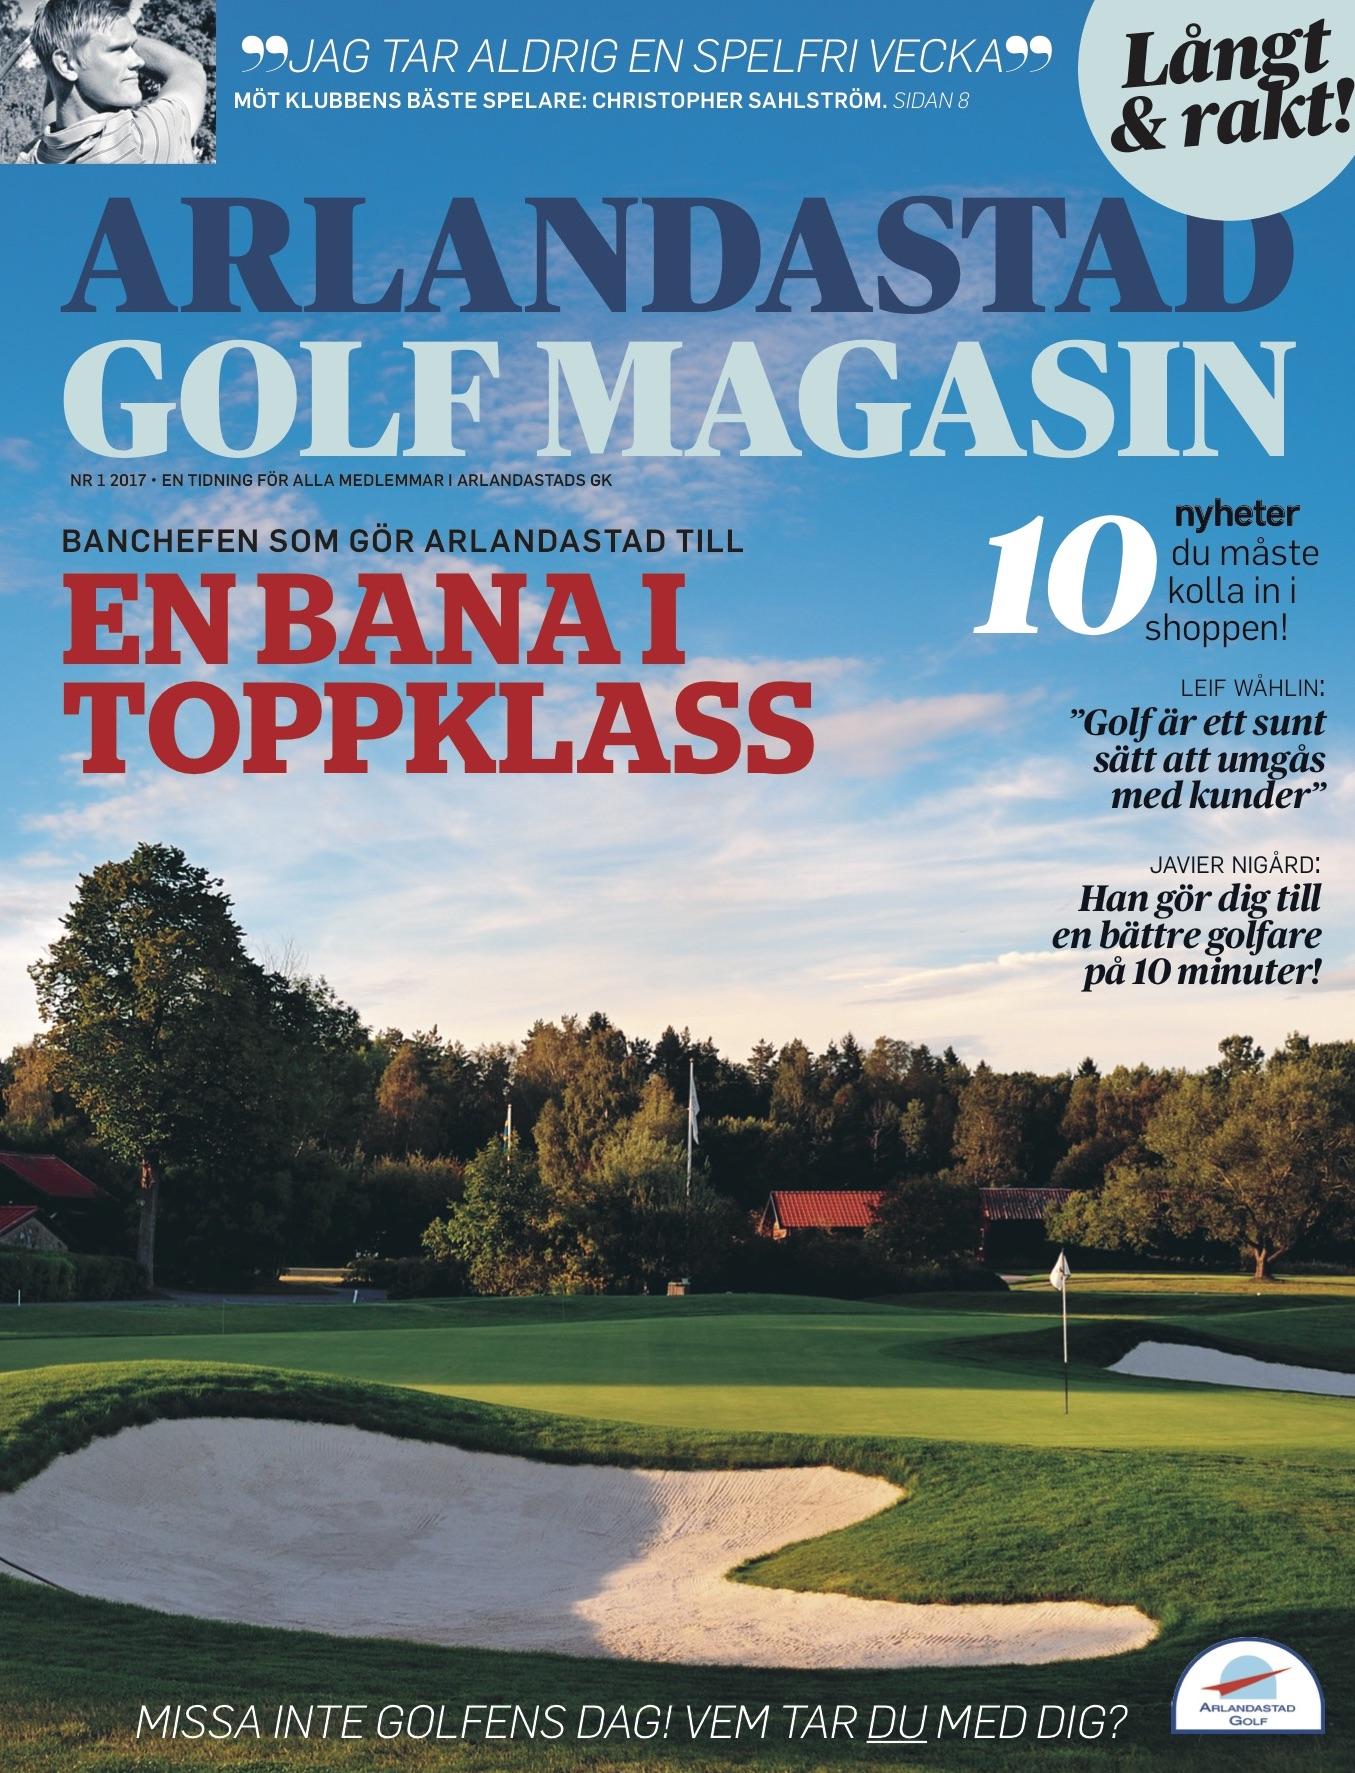 Stora Ord gör Arlandastad Golfs nya klubbtidning